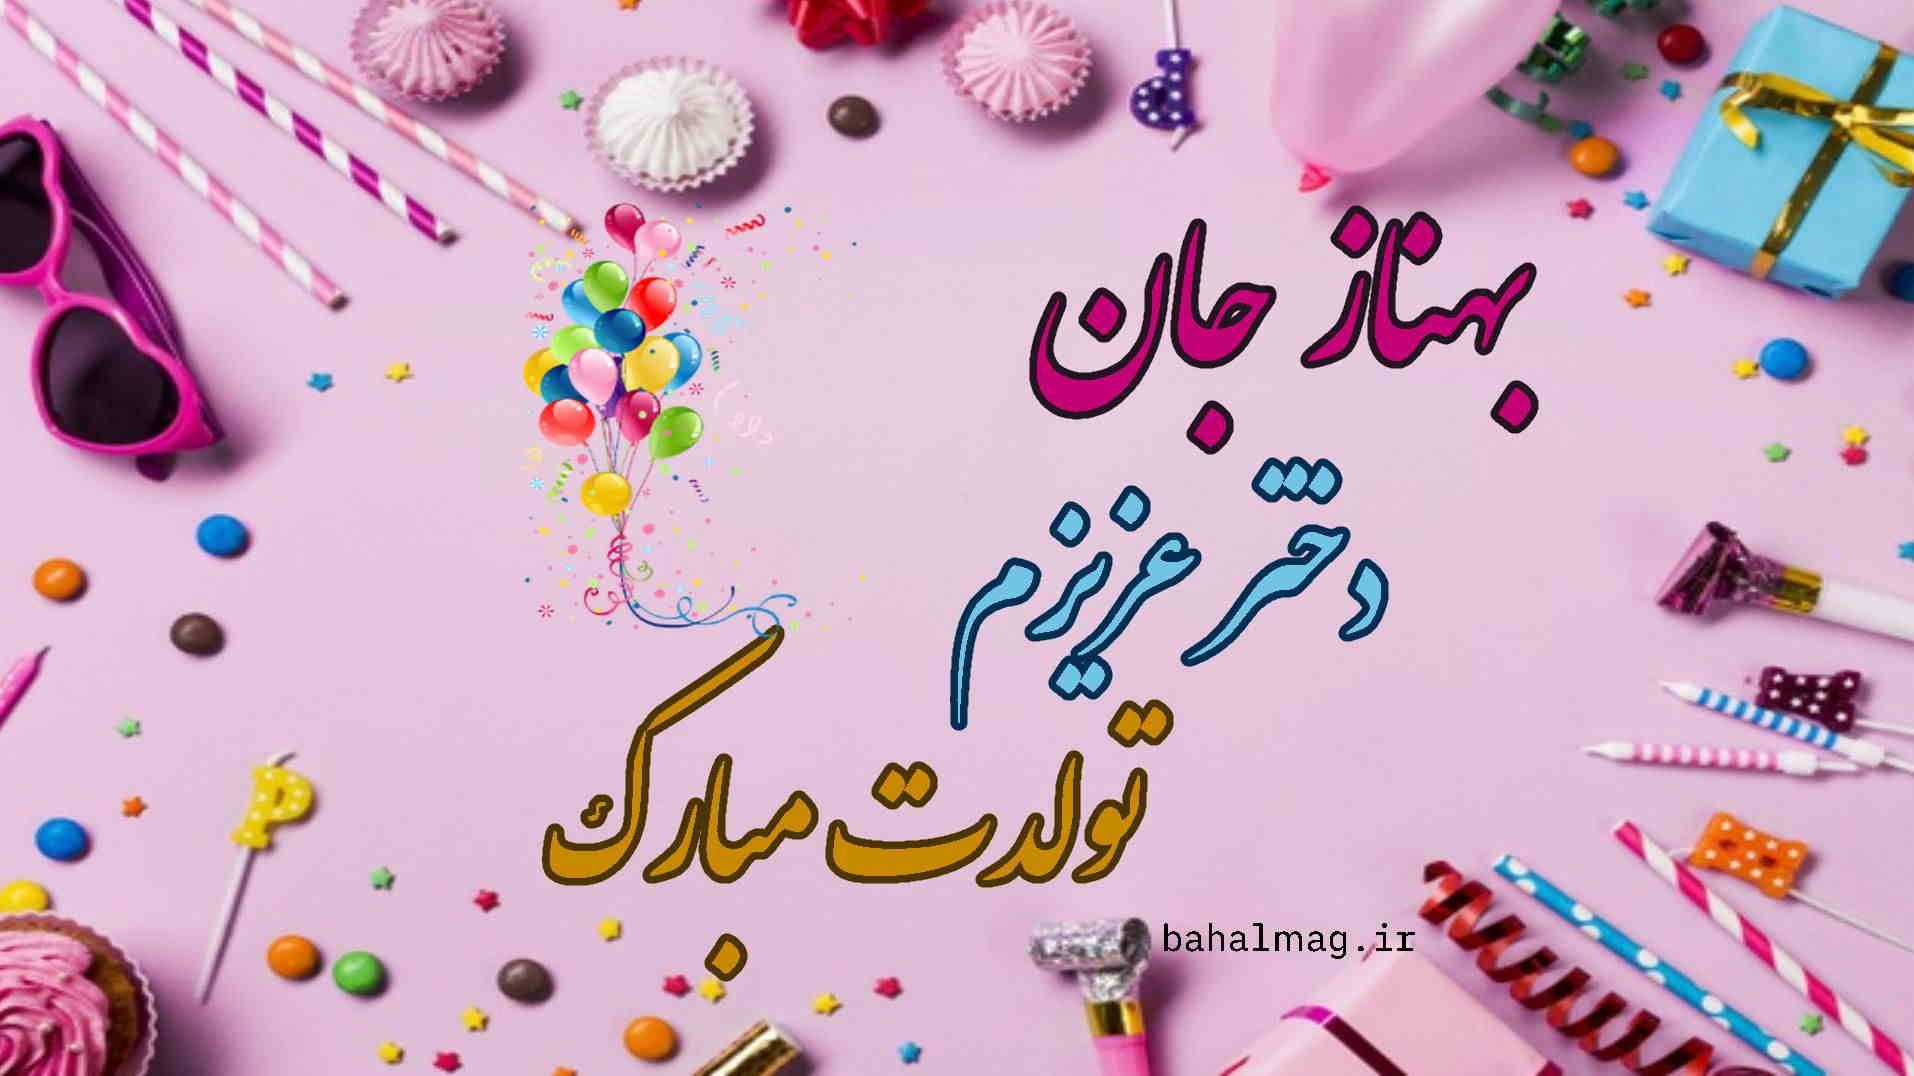 بهناز دختر عزیزم تولدت مبارک باشد